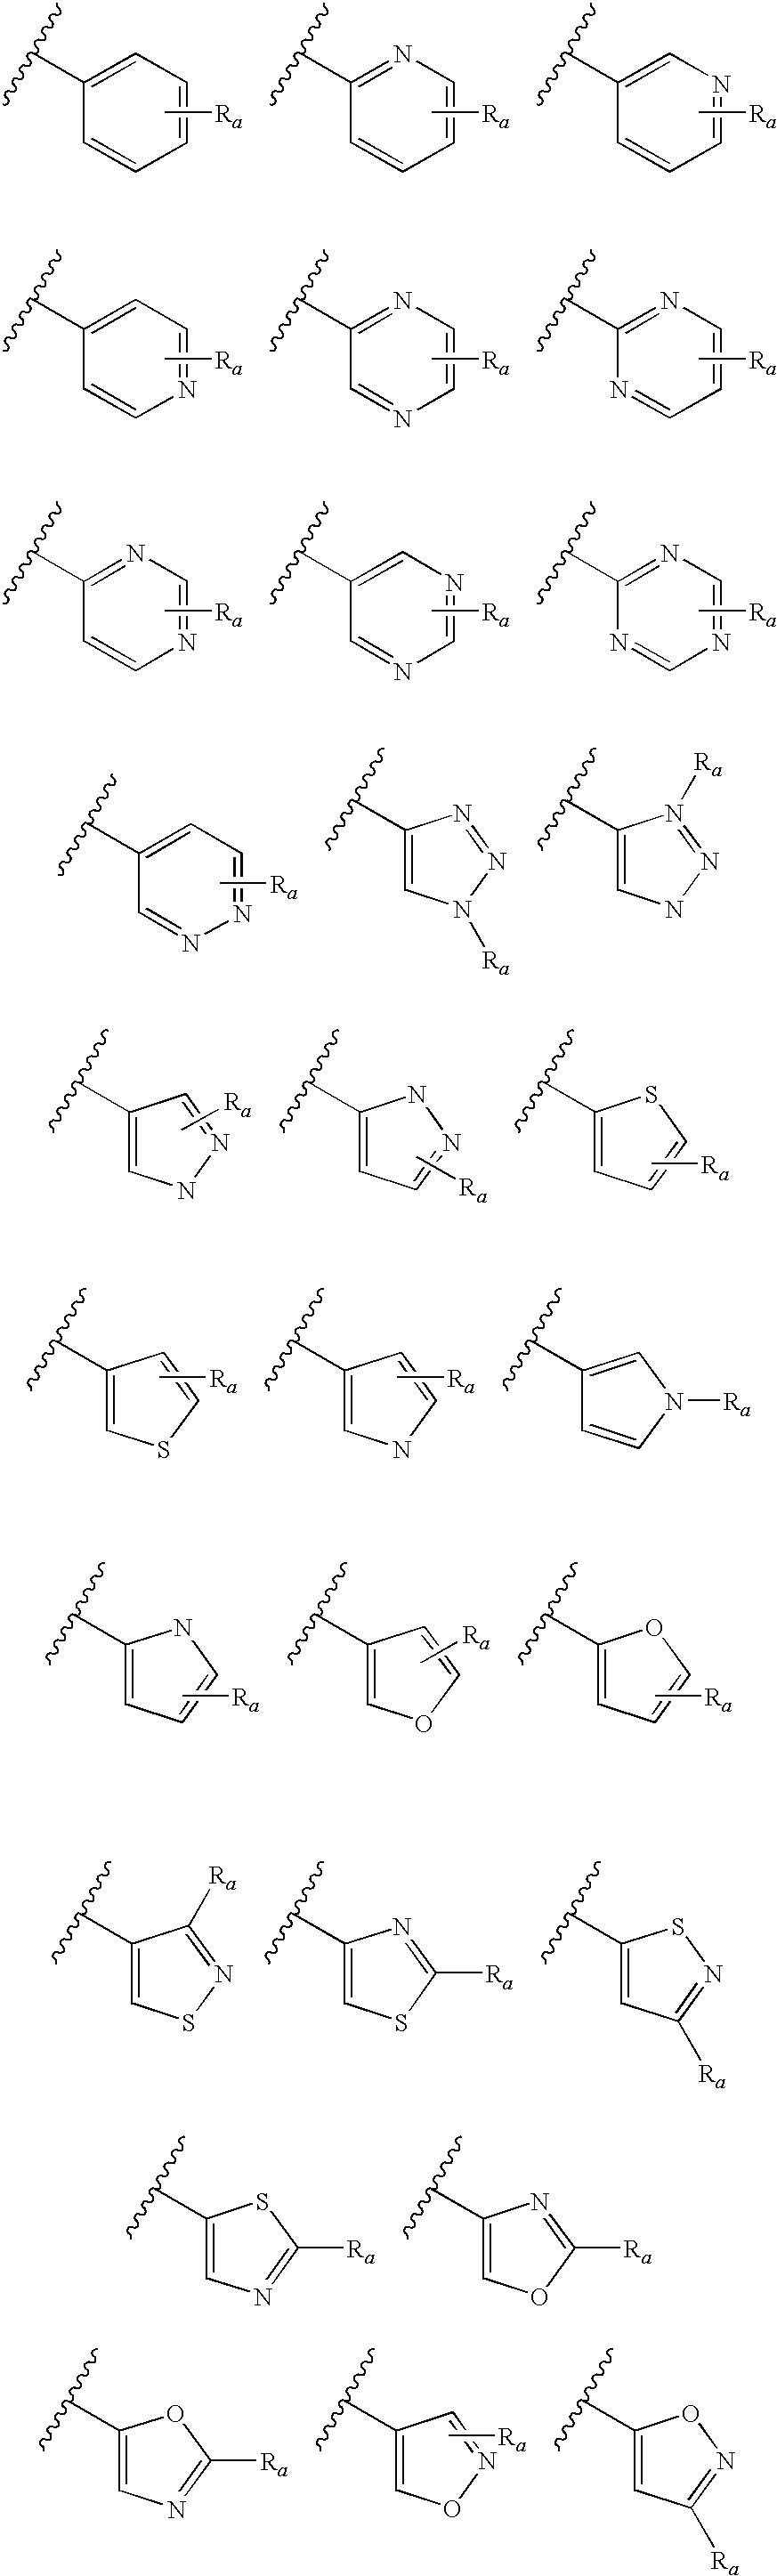 Figure US20090208557A1-20090820-C00005